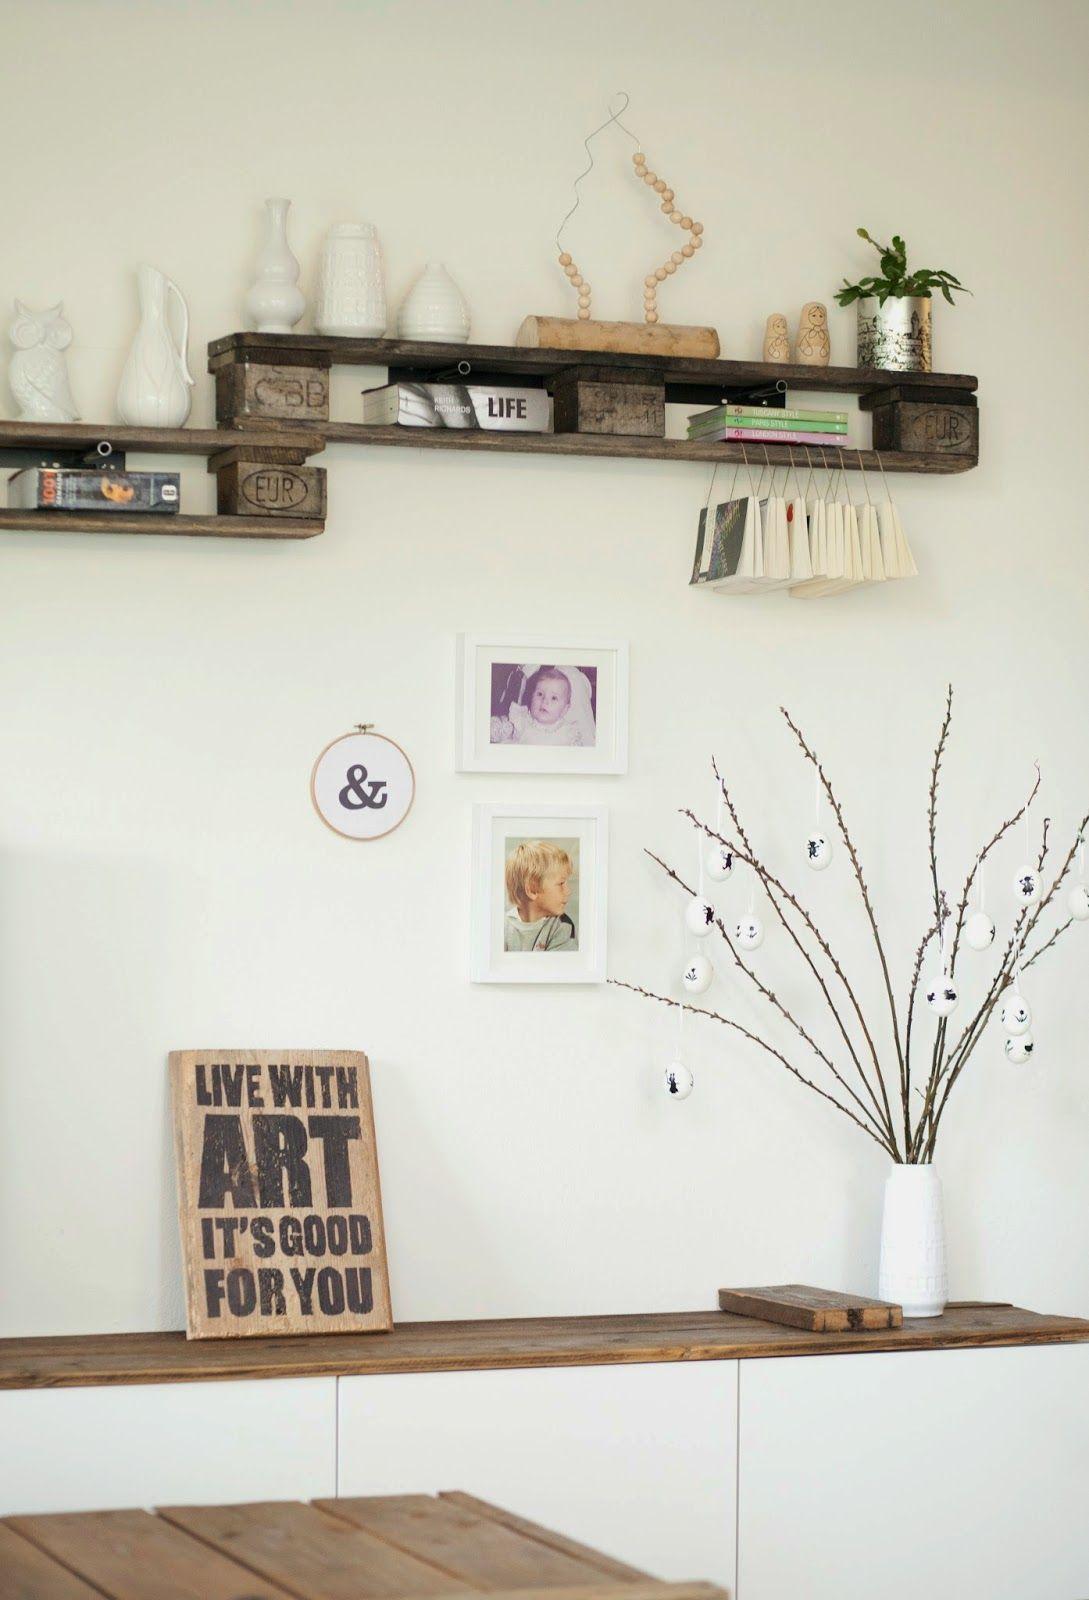 der Mama Tochter Blog für Interior, DIY, Dekoration und Kreatives